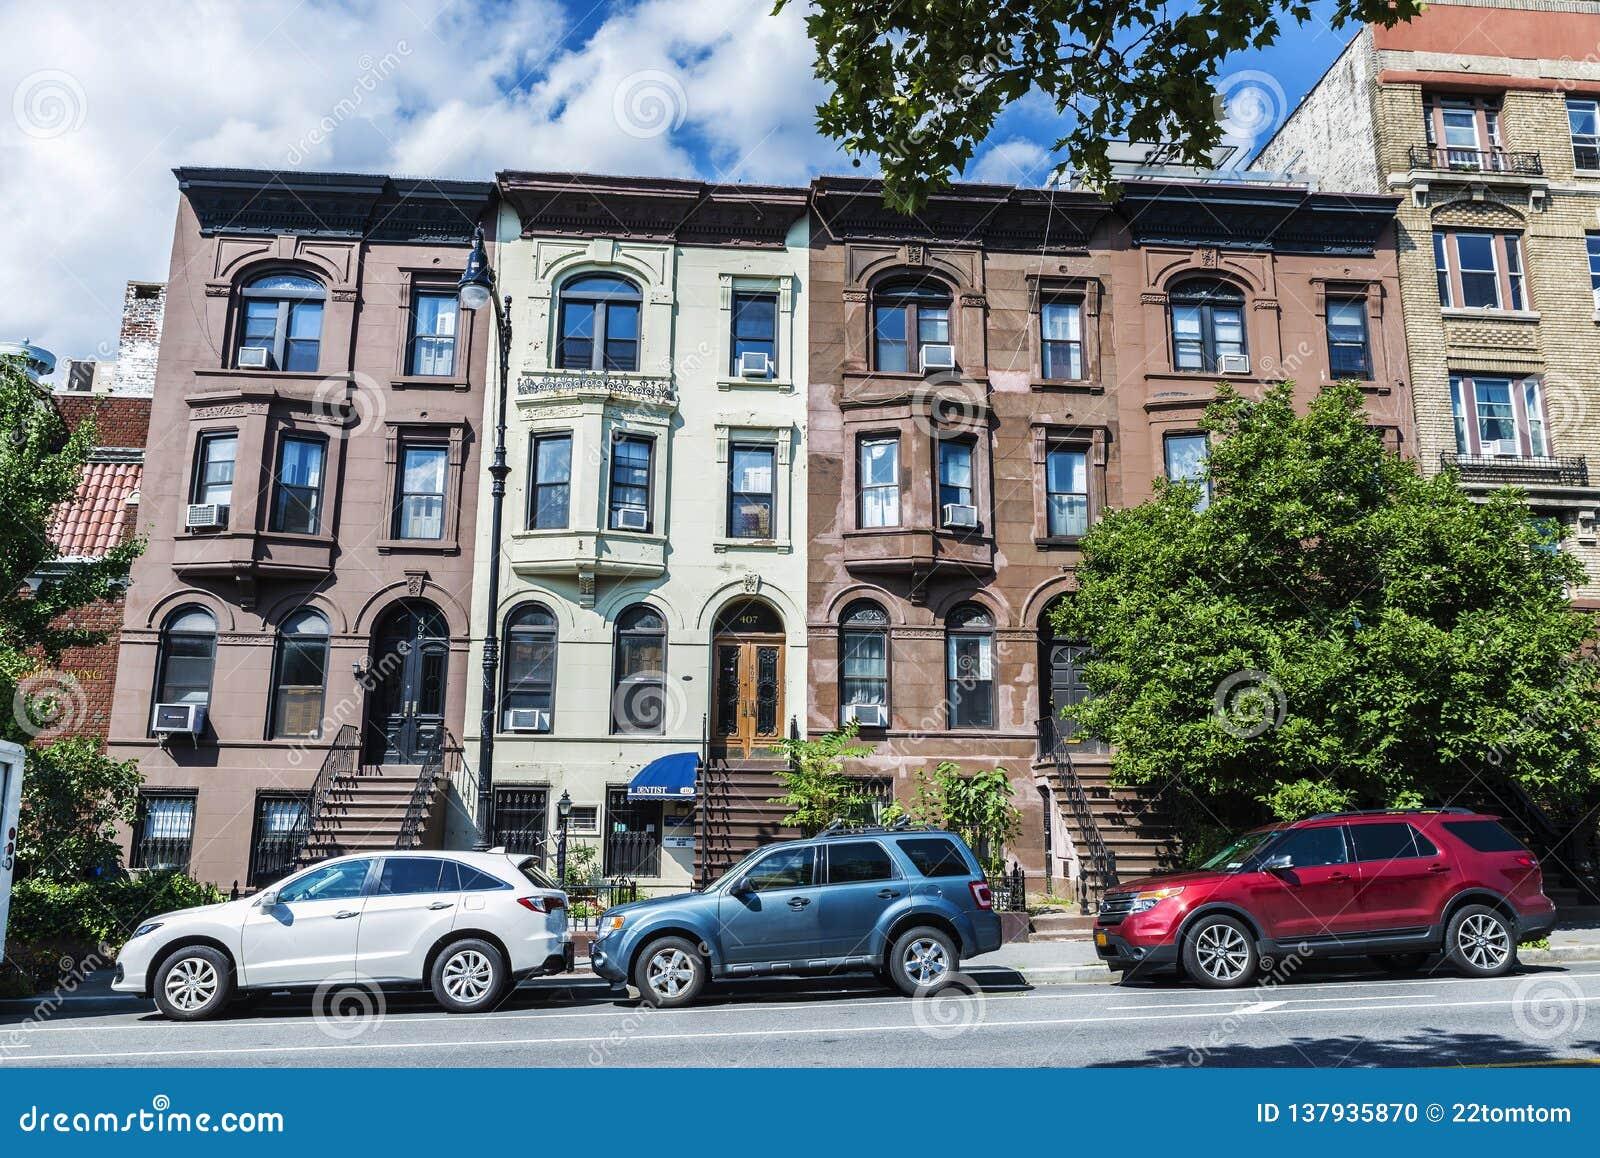 дом в нью йорке фото